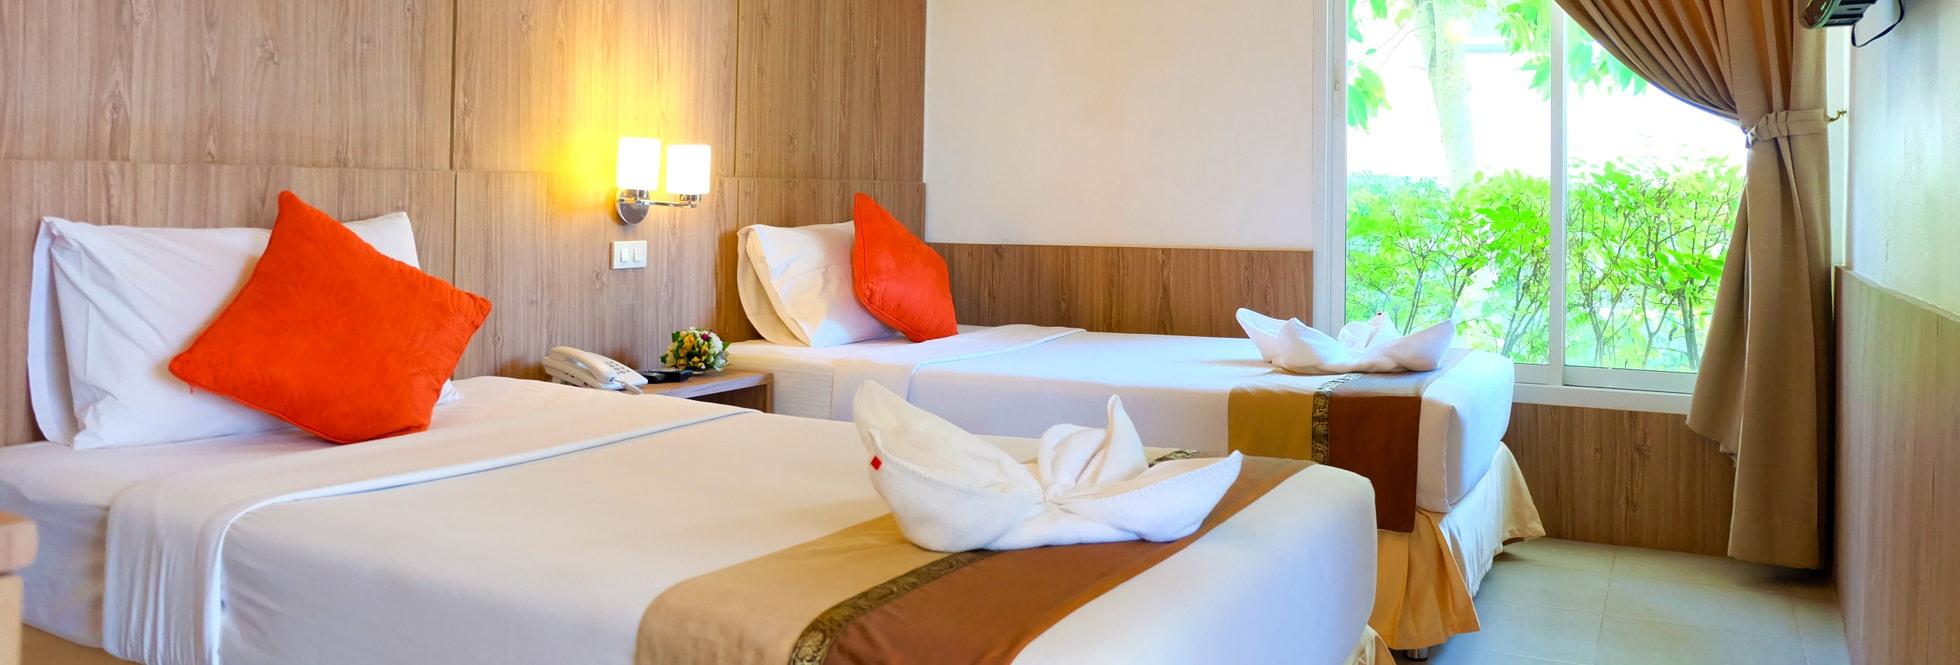 แหลมสิงห์ แนชเชอรัลบีช รีสอร์ท จันทบุรี: accommodation-min